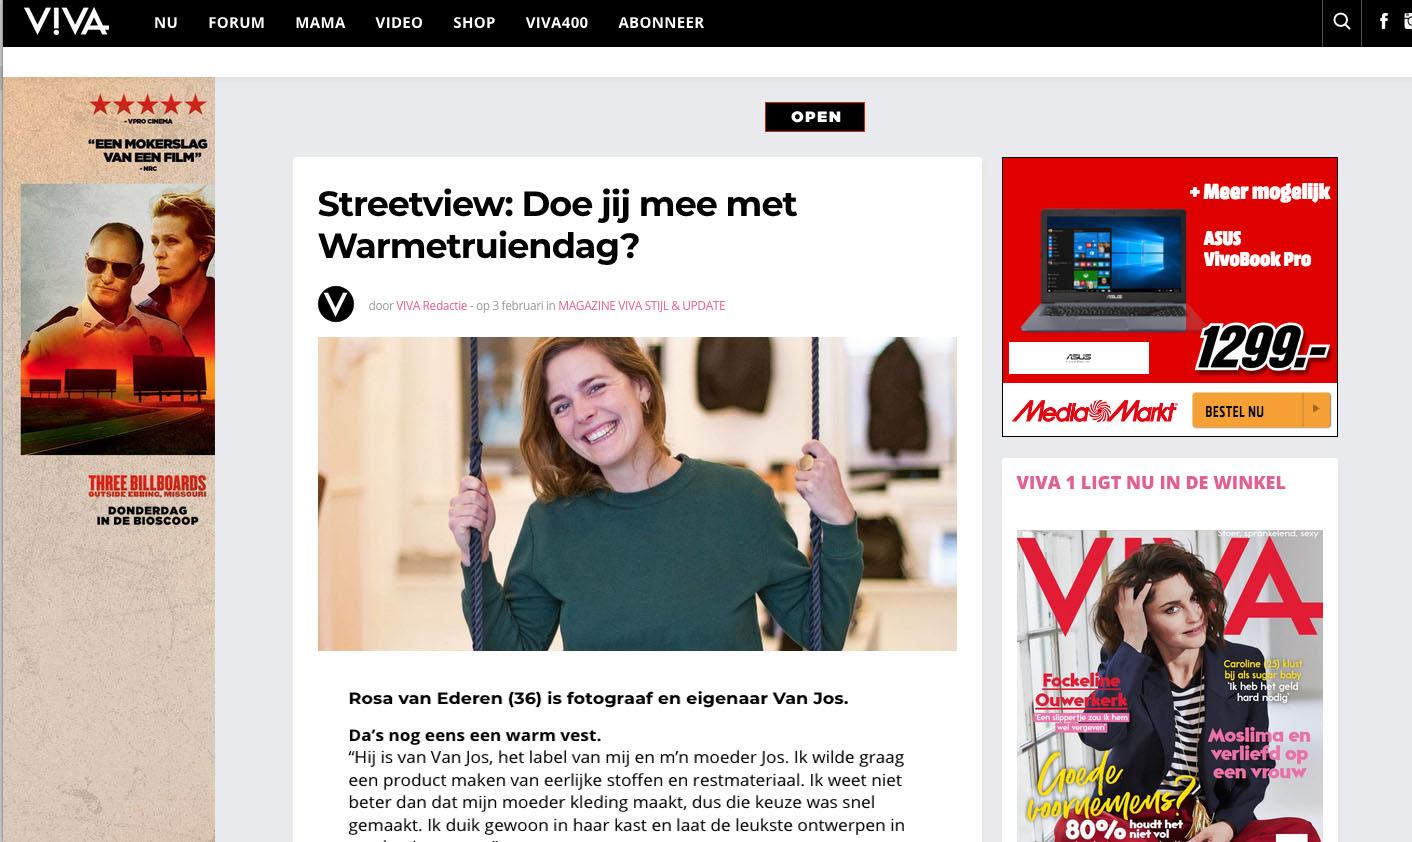 Van Jos on Viva